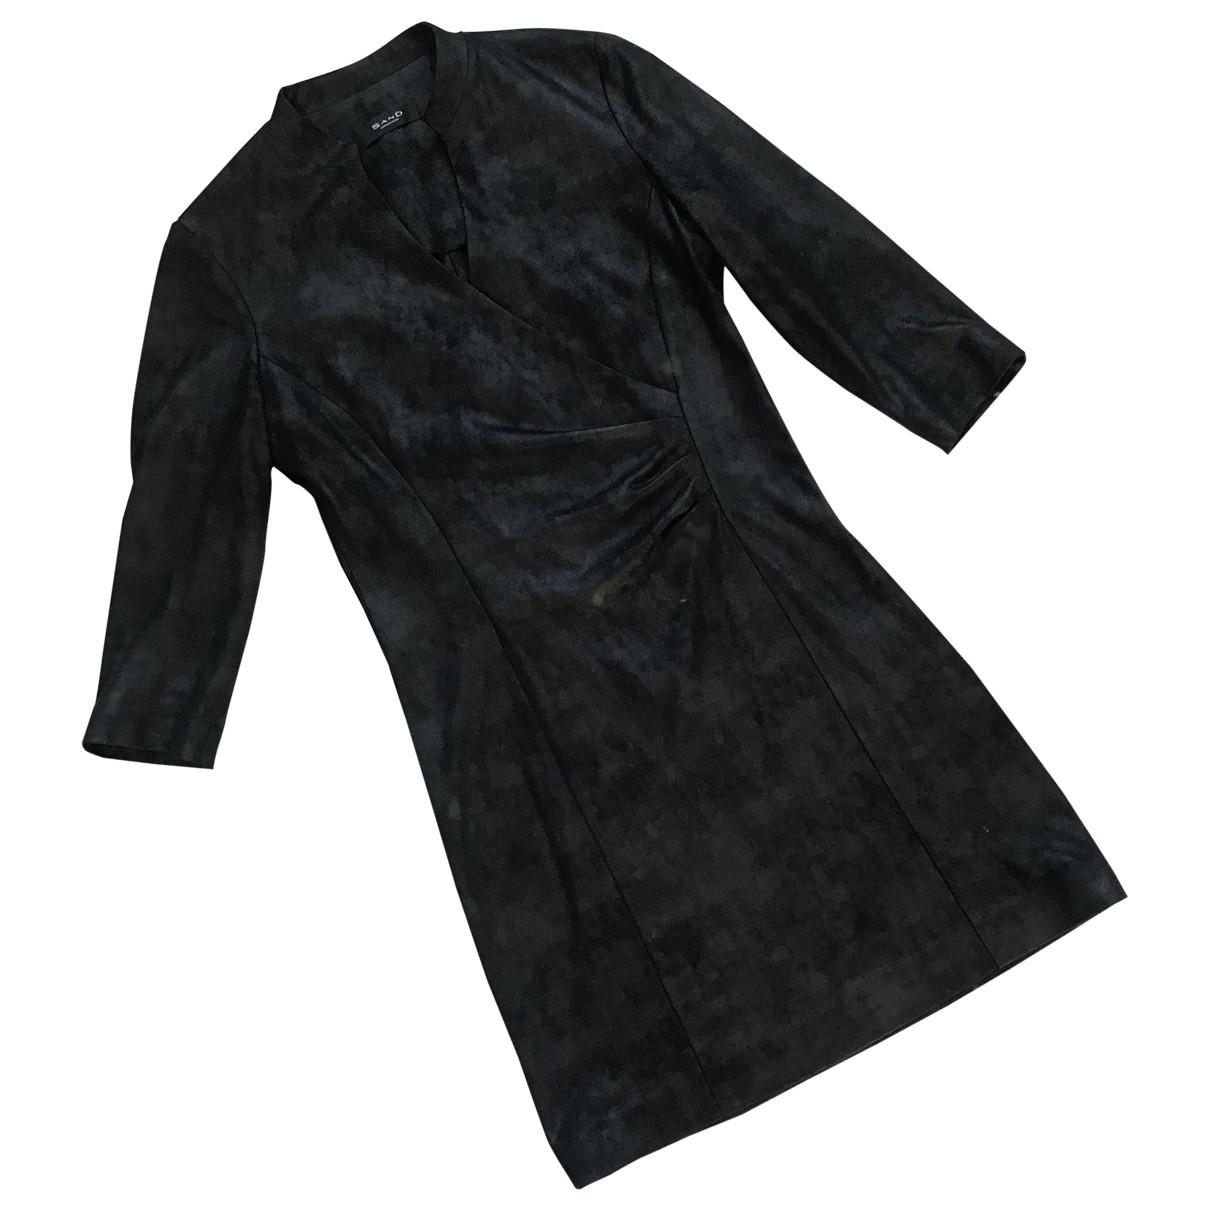 Sand - Robe   pour femme - noir